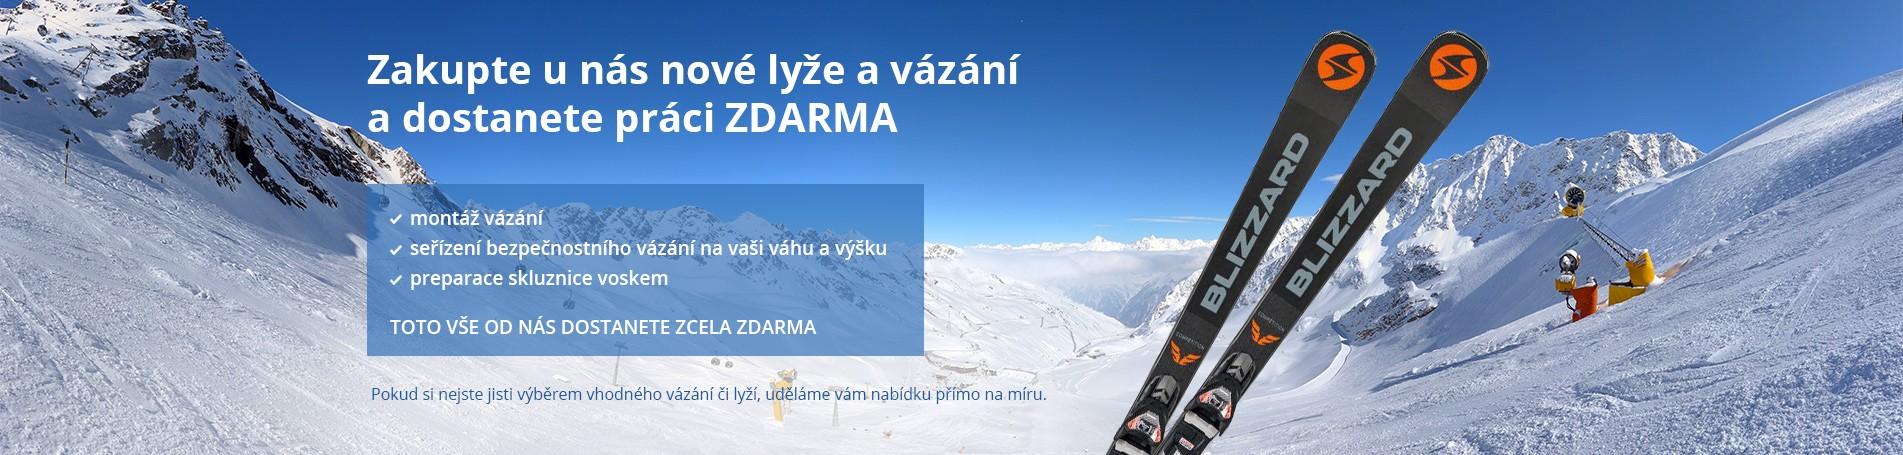 Zakupte u nás nové lyže a vázání a dostanete práci ZDARMA